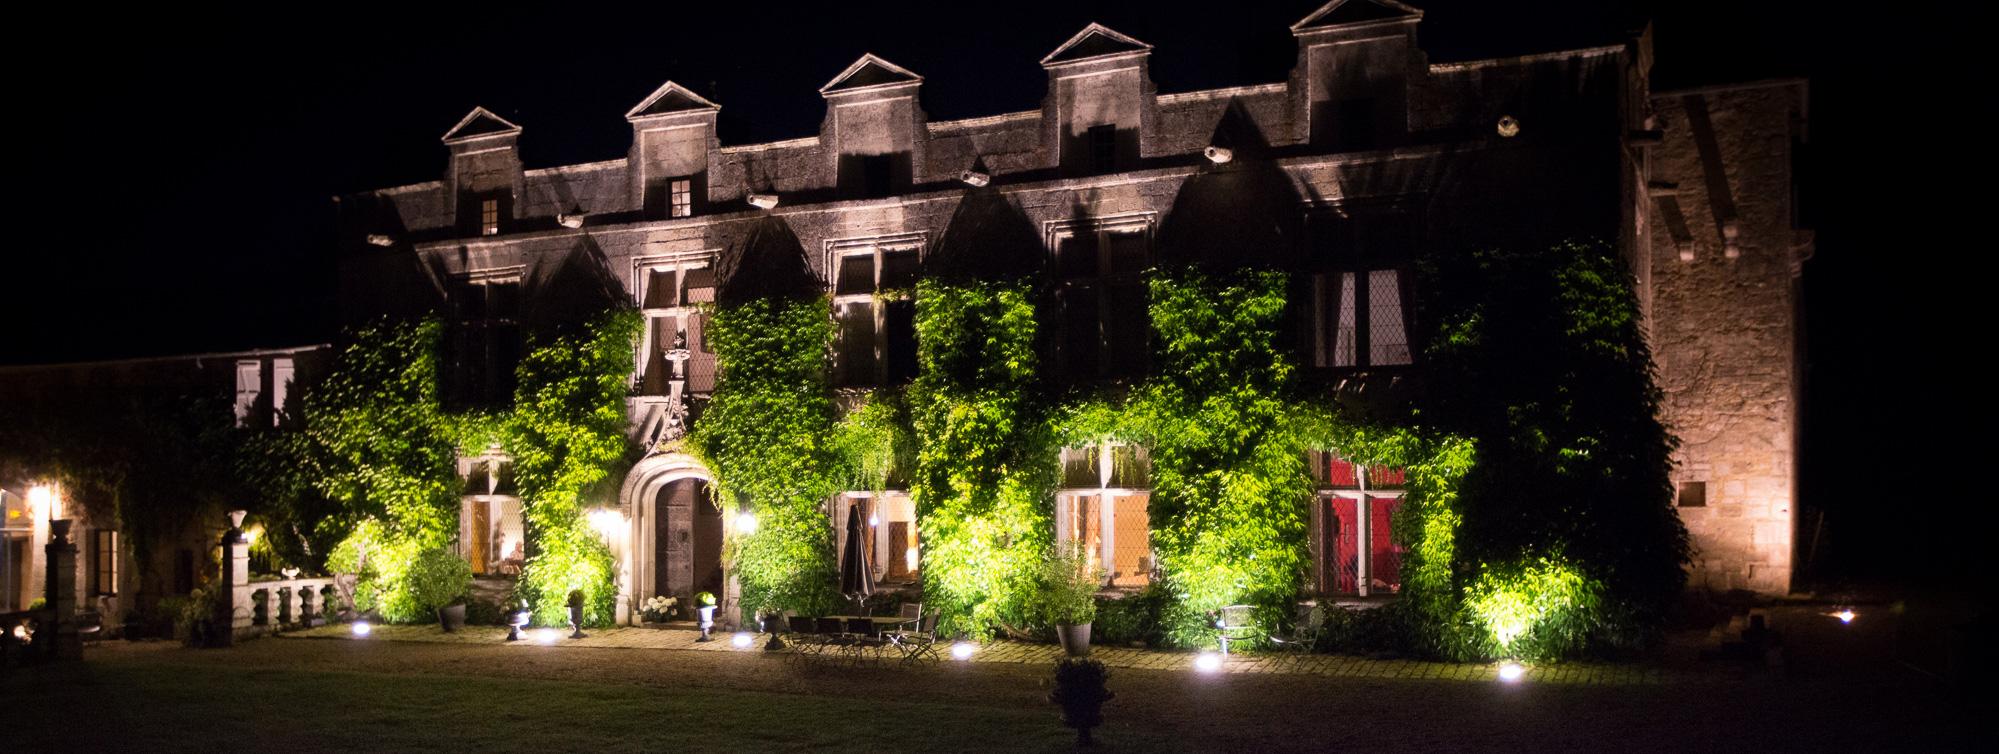 Chateau de Maumont ©Chateau de Maumont